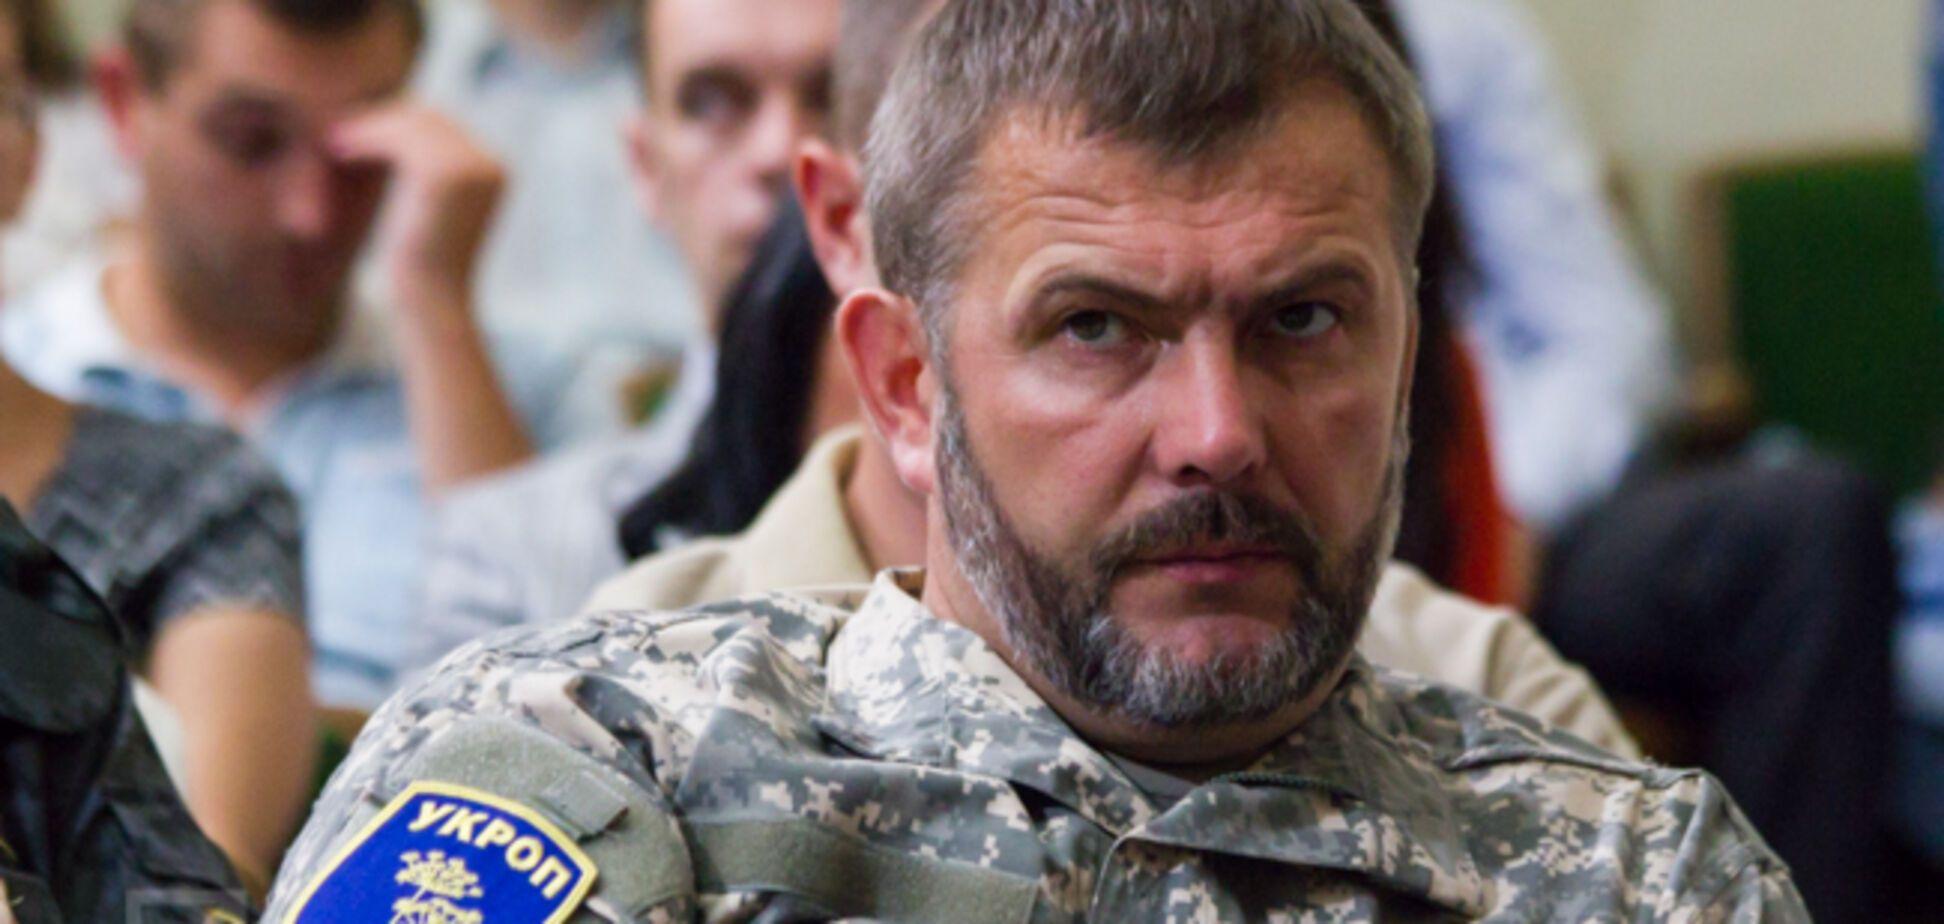 Скандал із Березою: нардепа звинуватили у спробах рейдерського захоплення